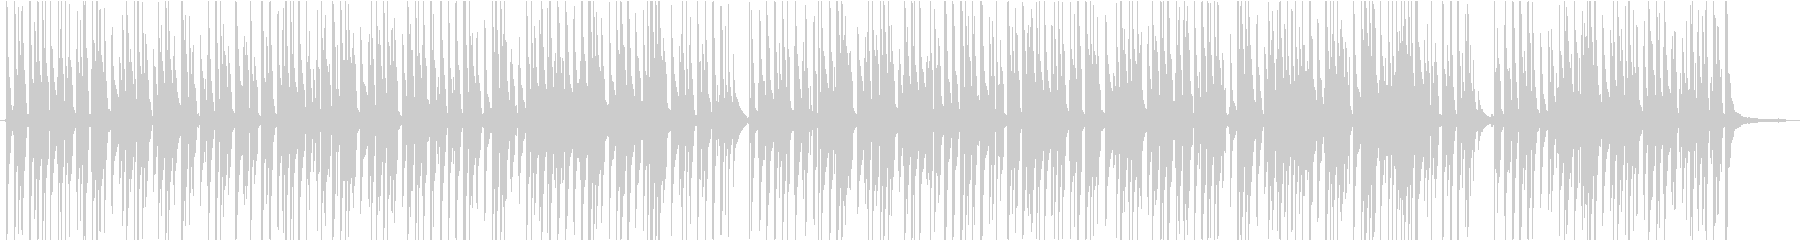 のんびりバカンスなウクレレの曲の未再生の波形